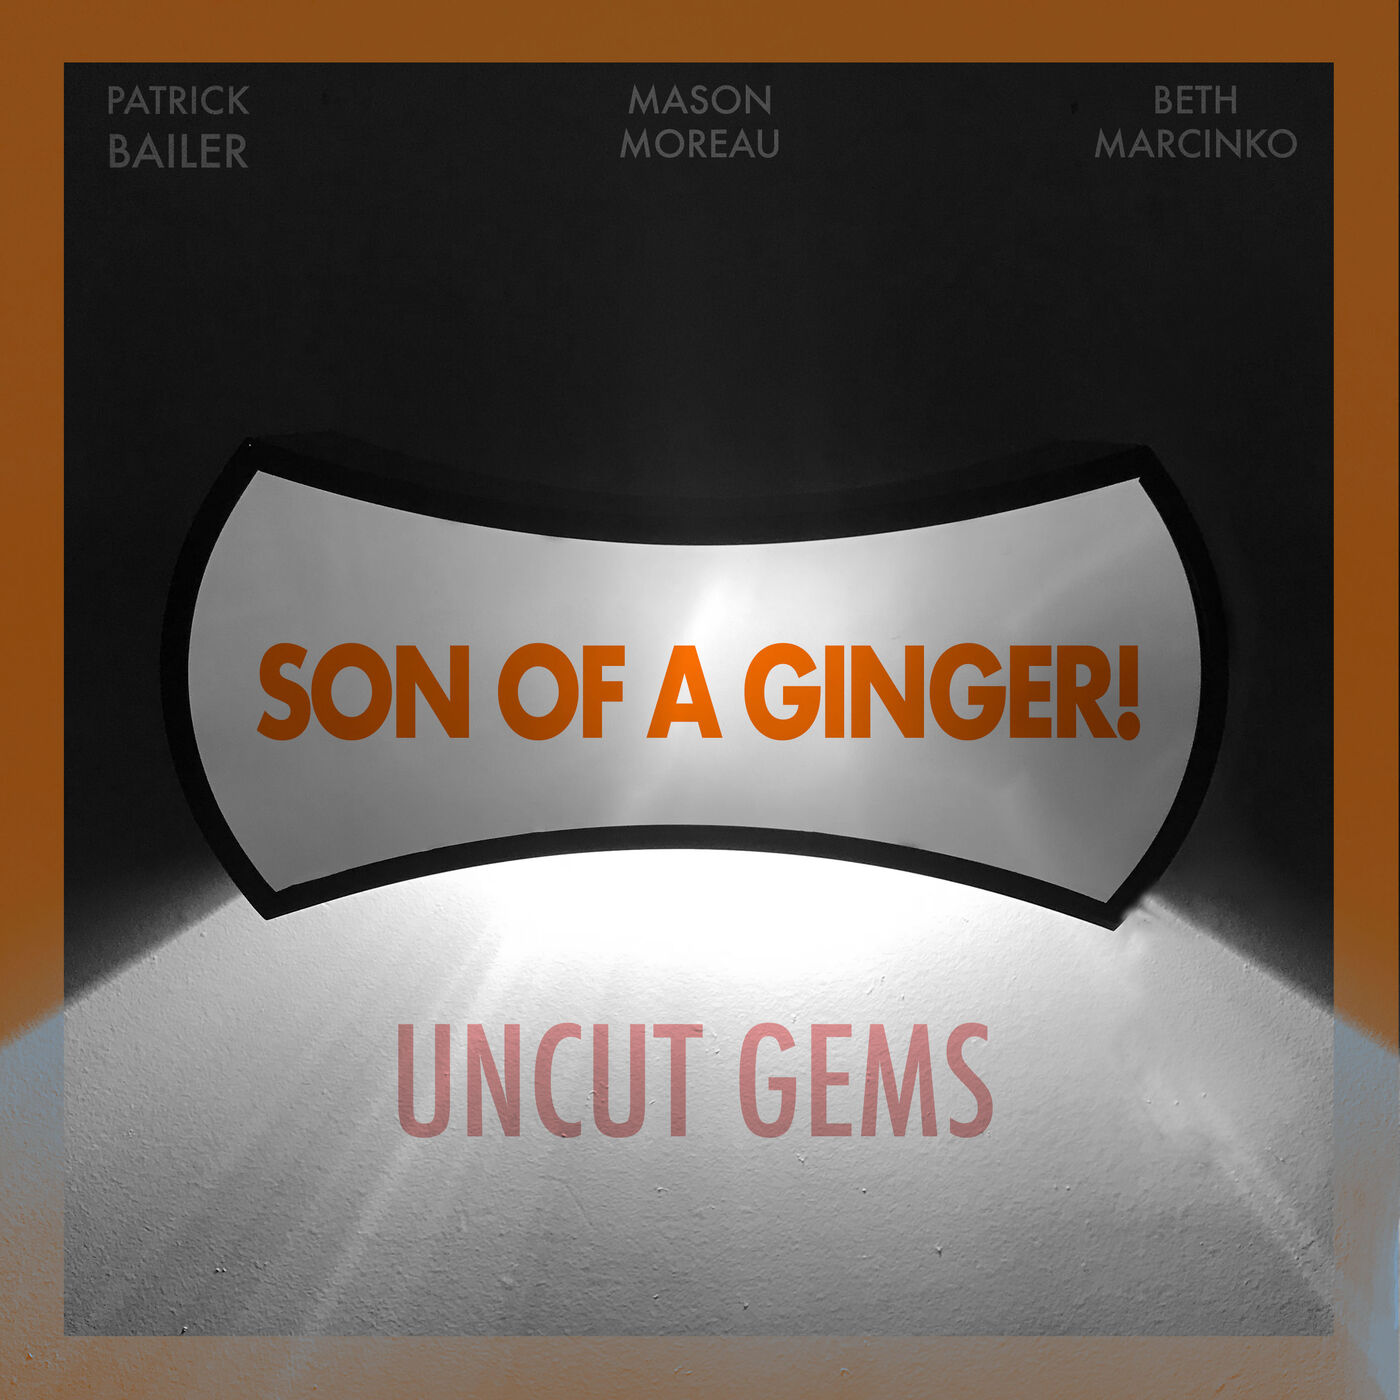 Uncut Gems (Dir. by Josh and Benny Safdie)